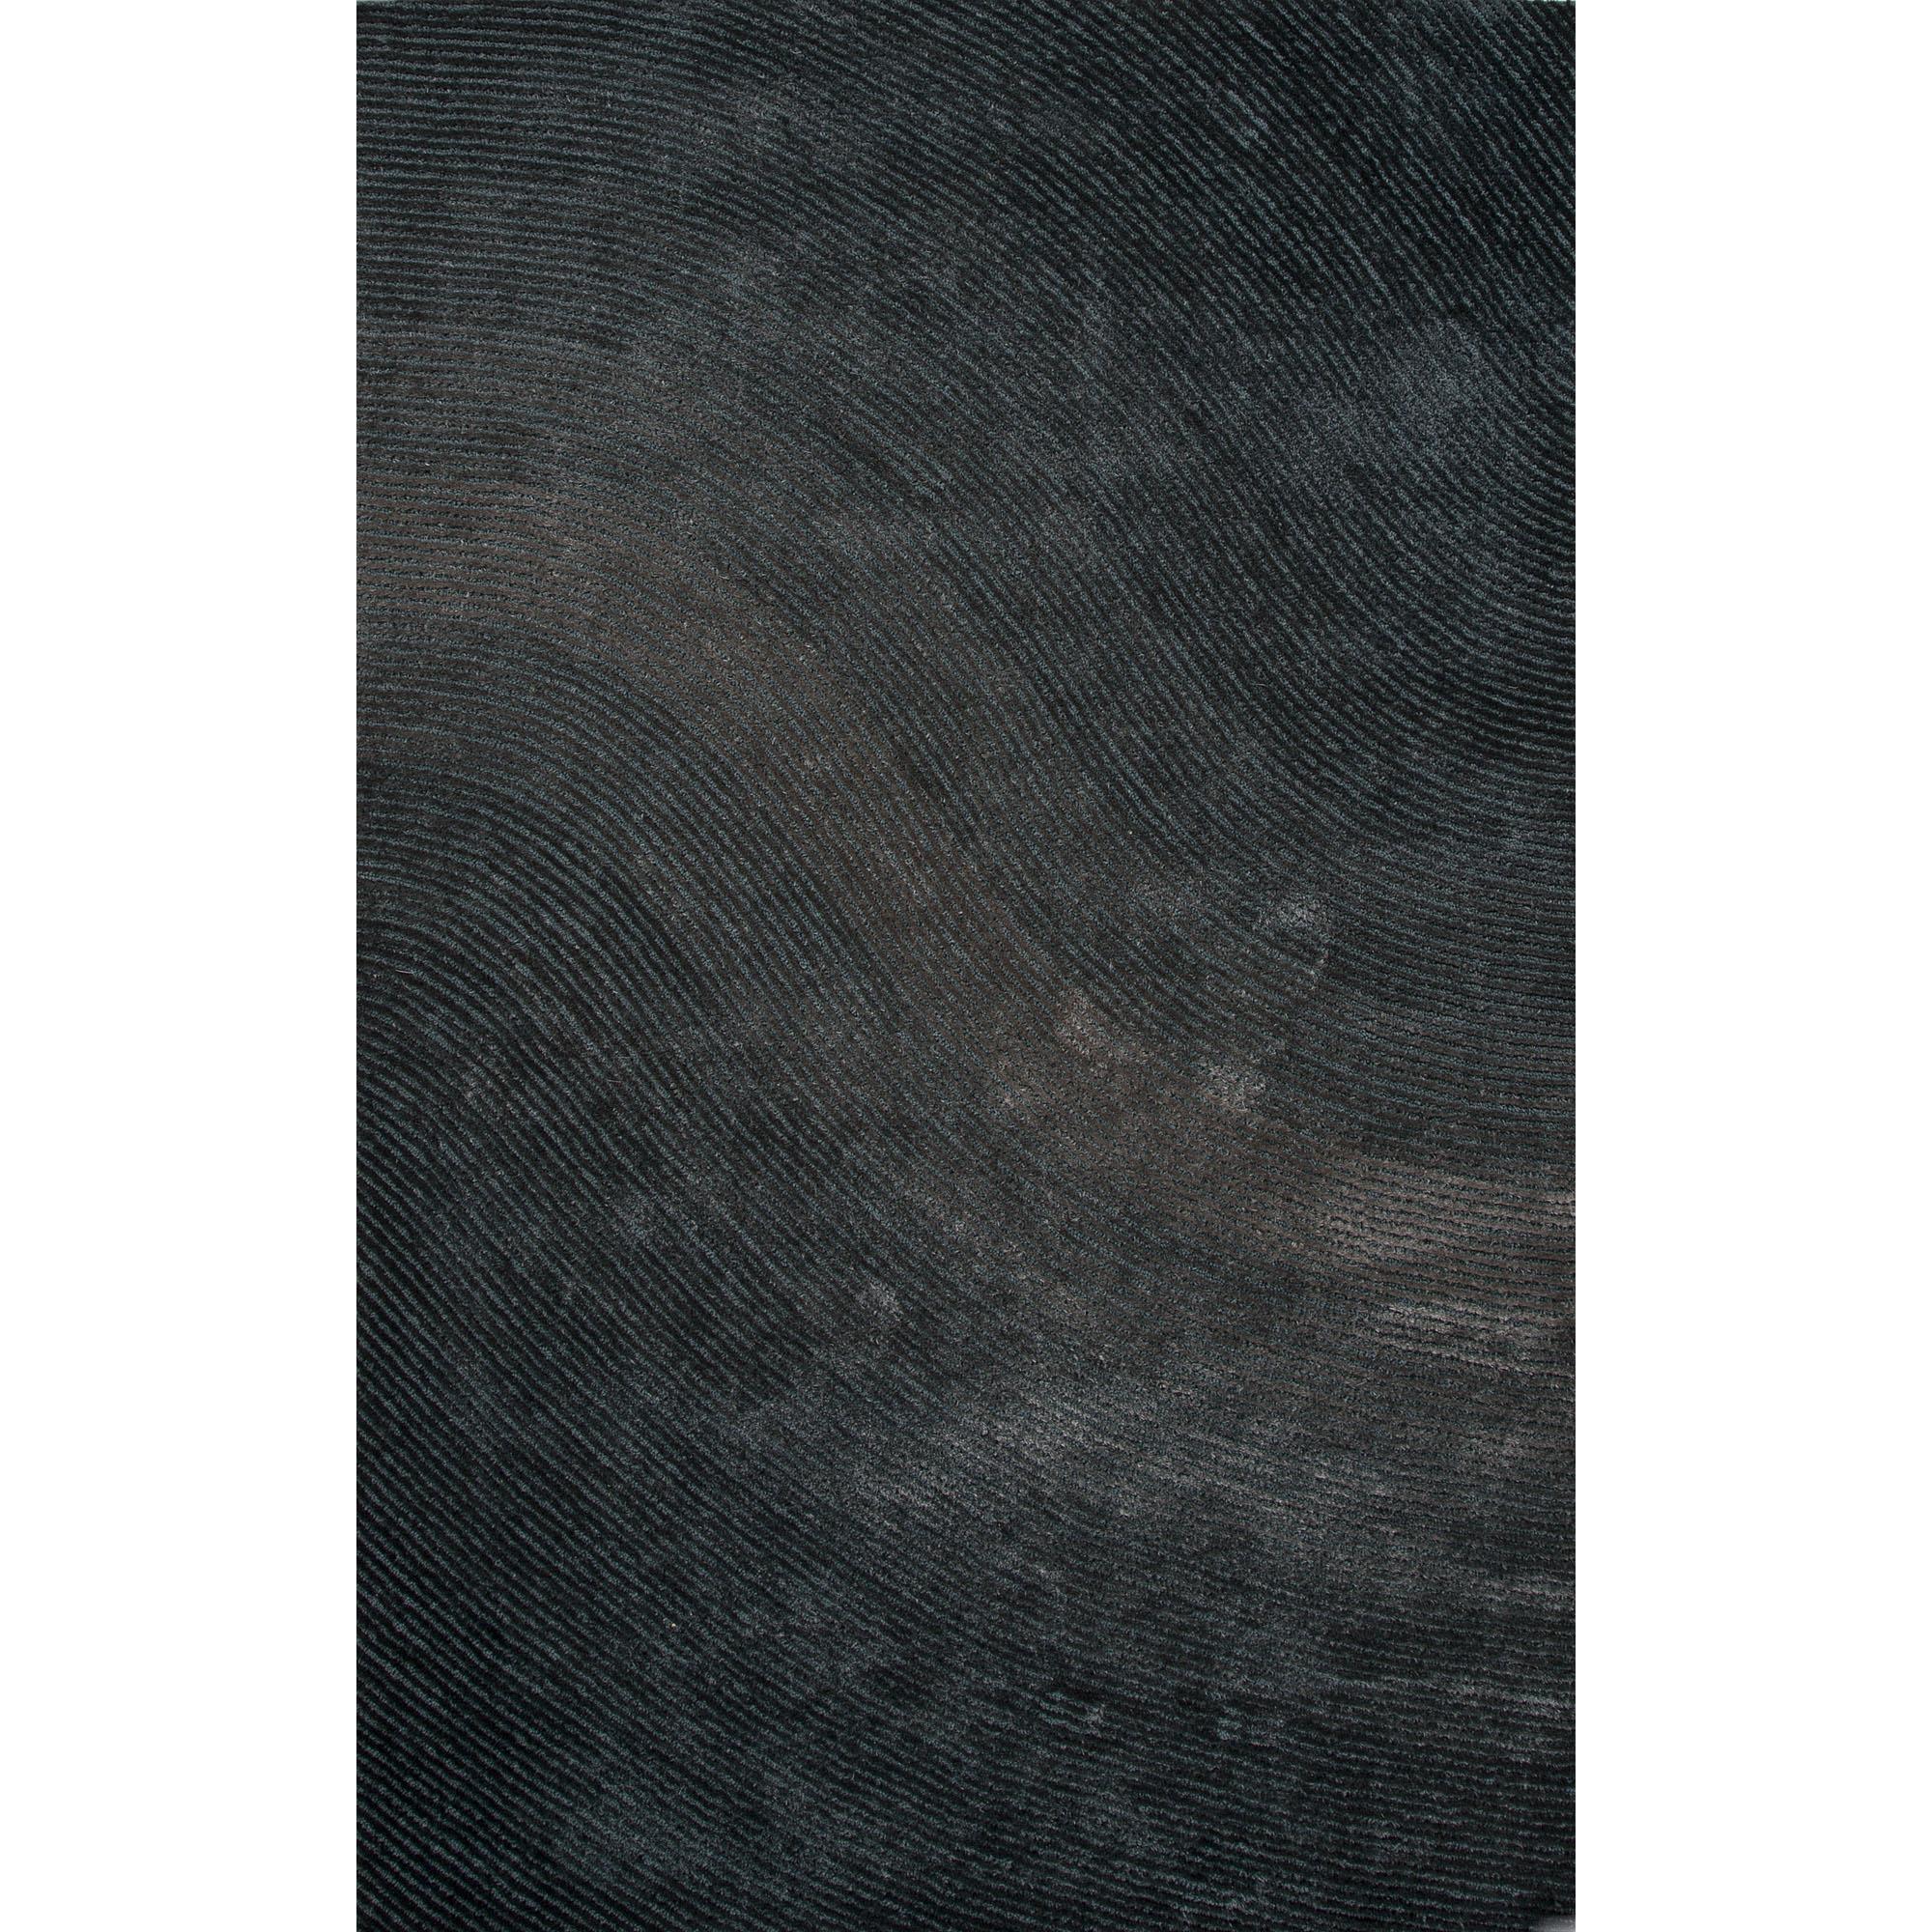 JAIPUR Rugs Track 7.6 x 9.6 Rug - Item Number: RUG121968